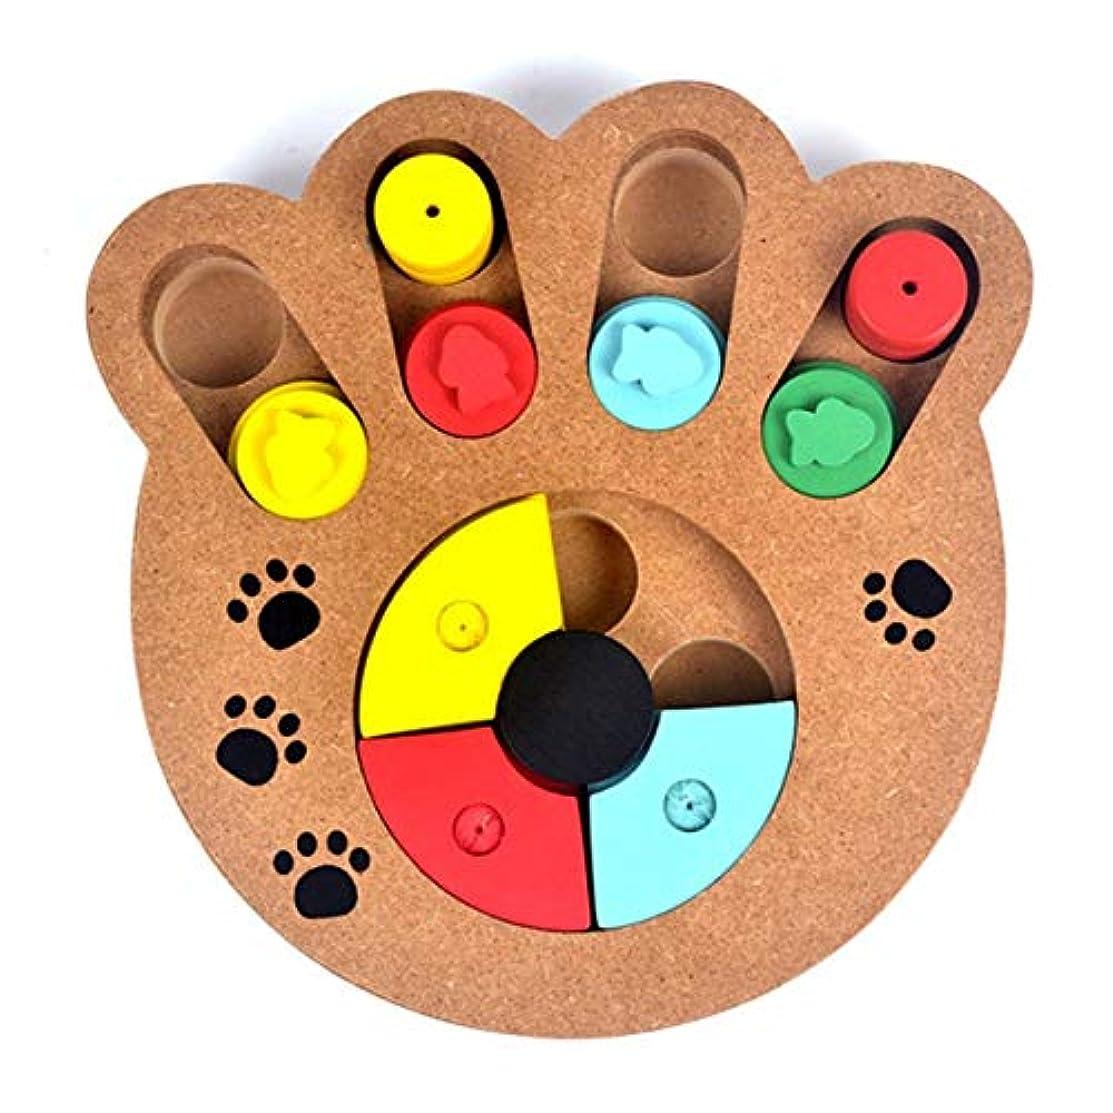 味わうまたは窓を洗うSaikogoods 多機能の自然食品は 子犬犬猫ペット用品のための木製教育ポウパズルインタラクティブ玩具扱い マルチカラーミックス